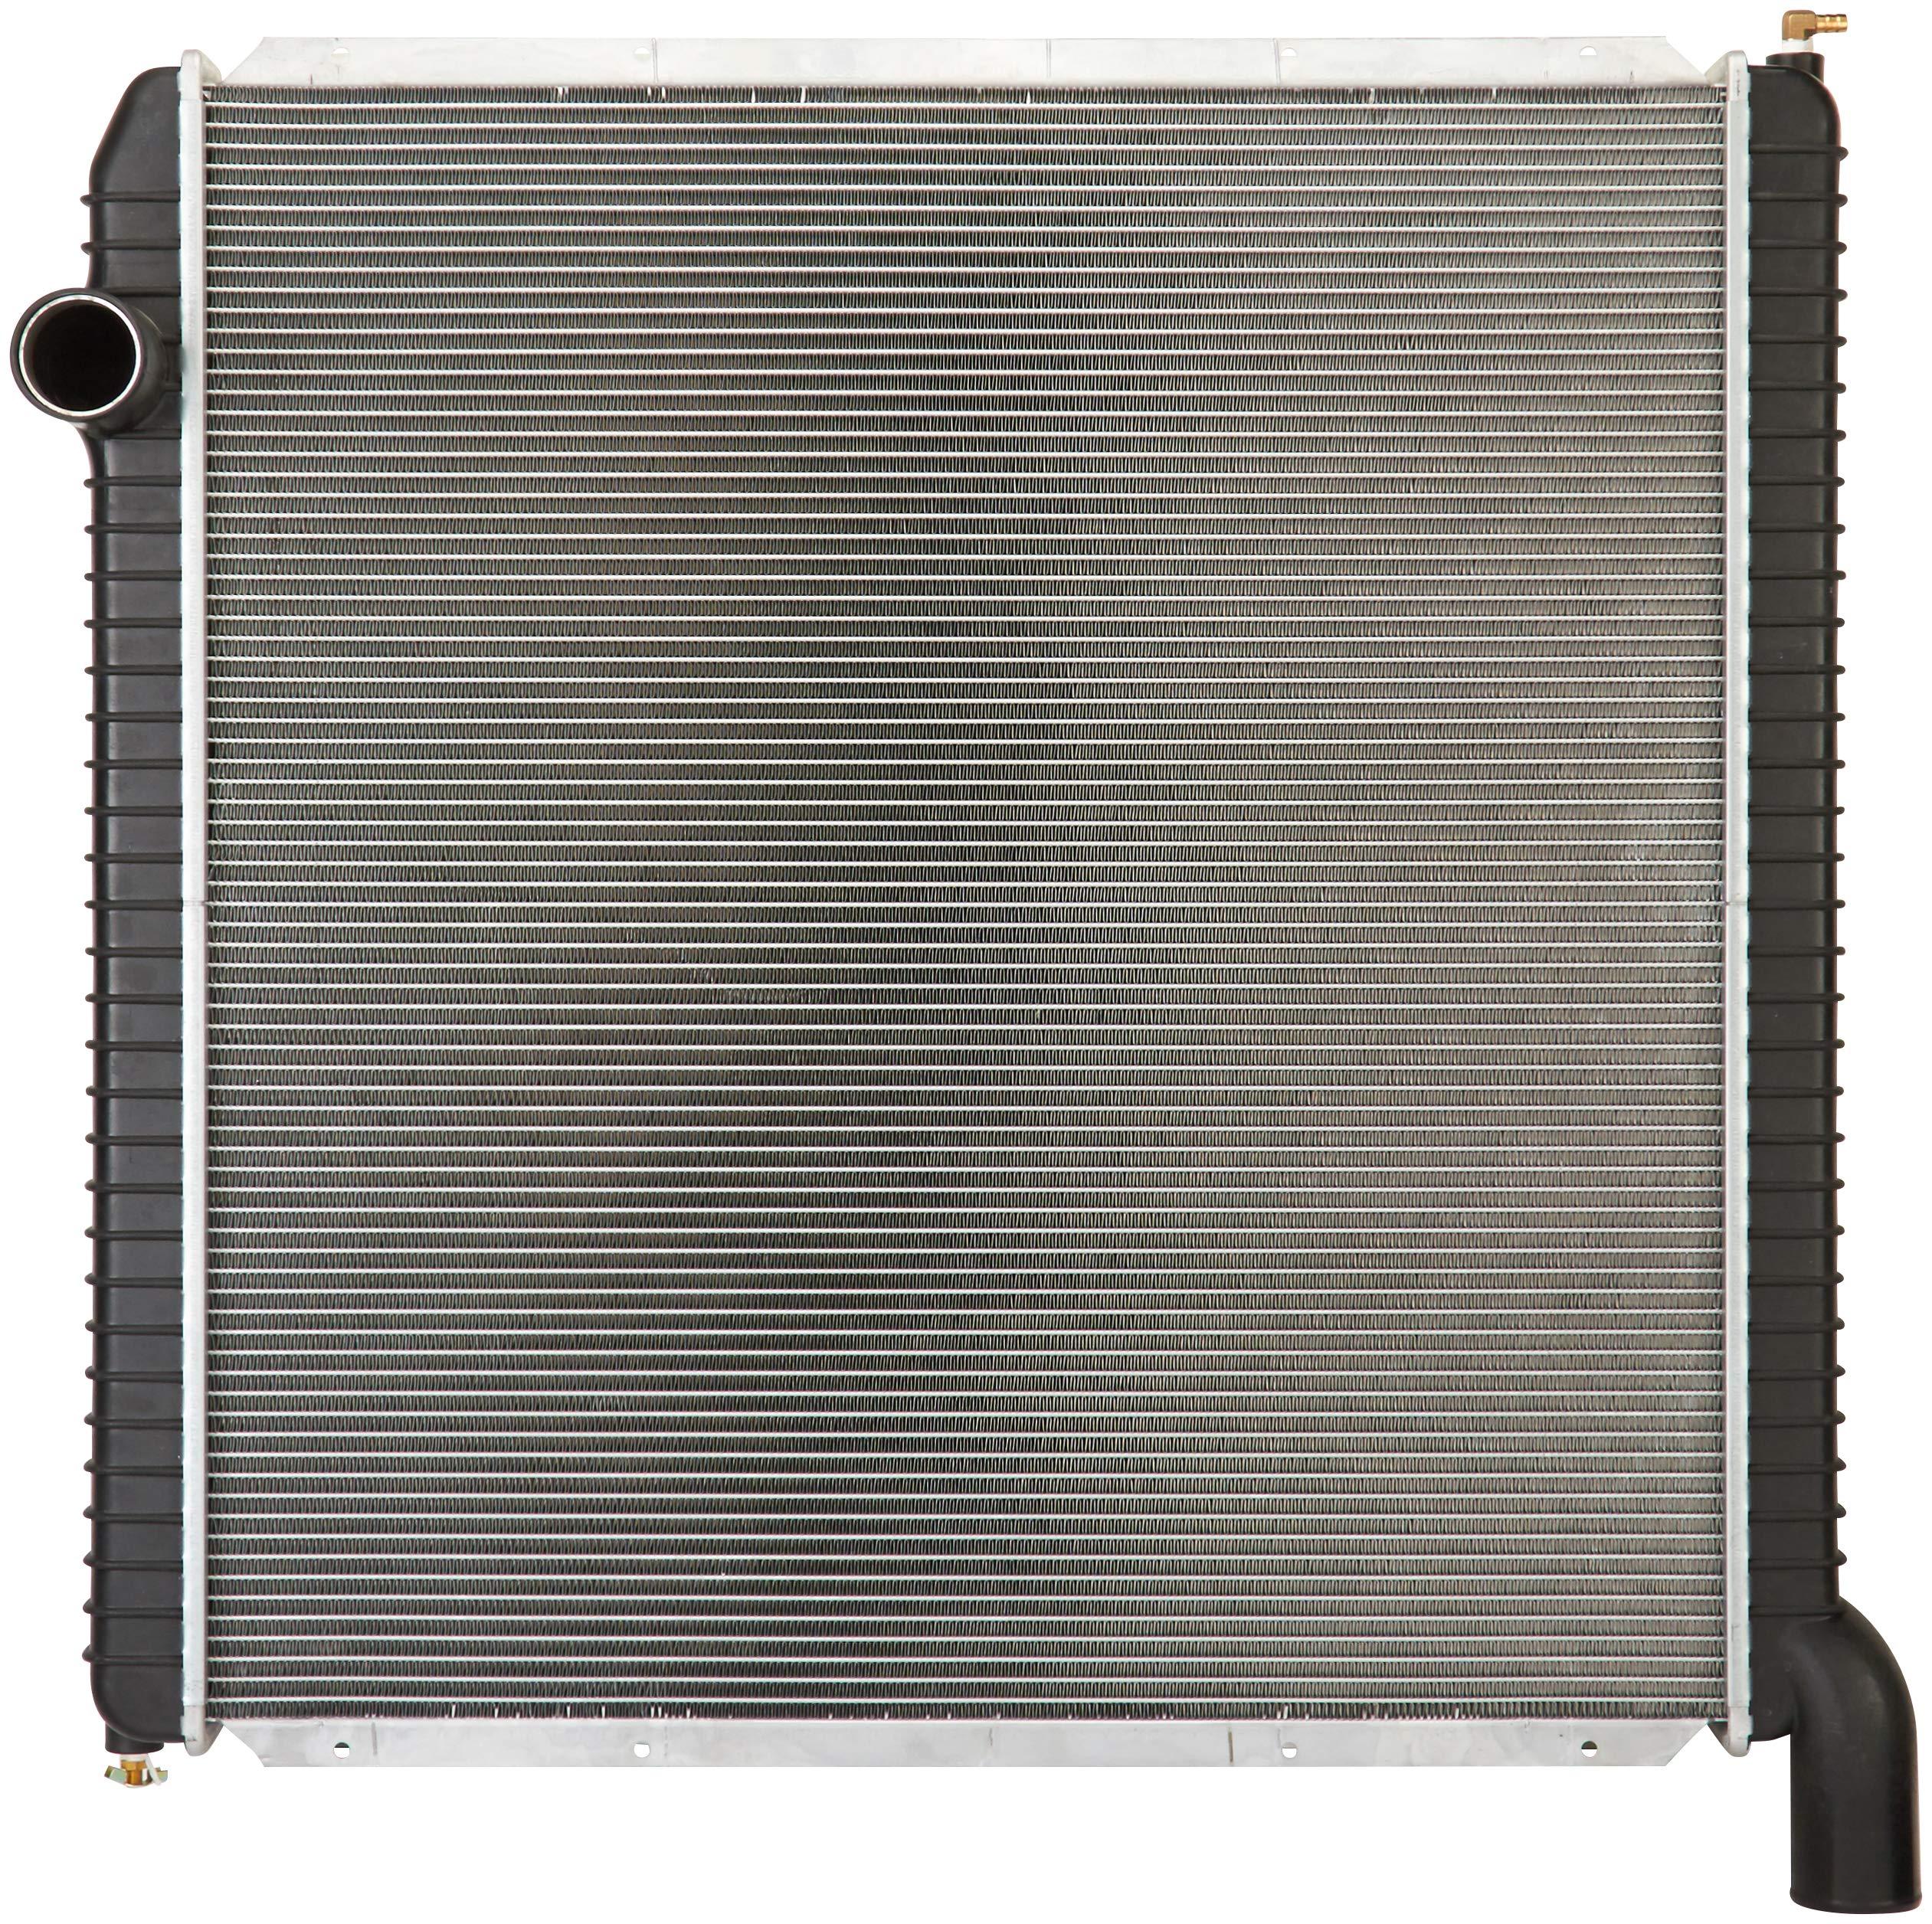 Spectra Premium 2001-3510 Aluminum Industrial Complete Radiator by Spectra Premium